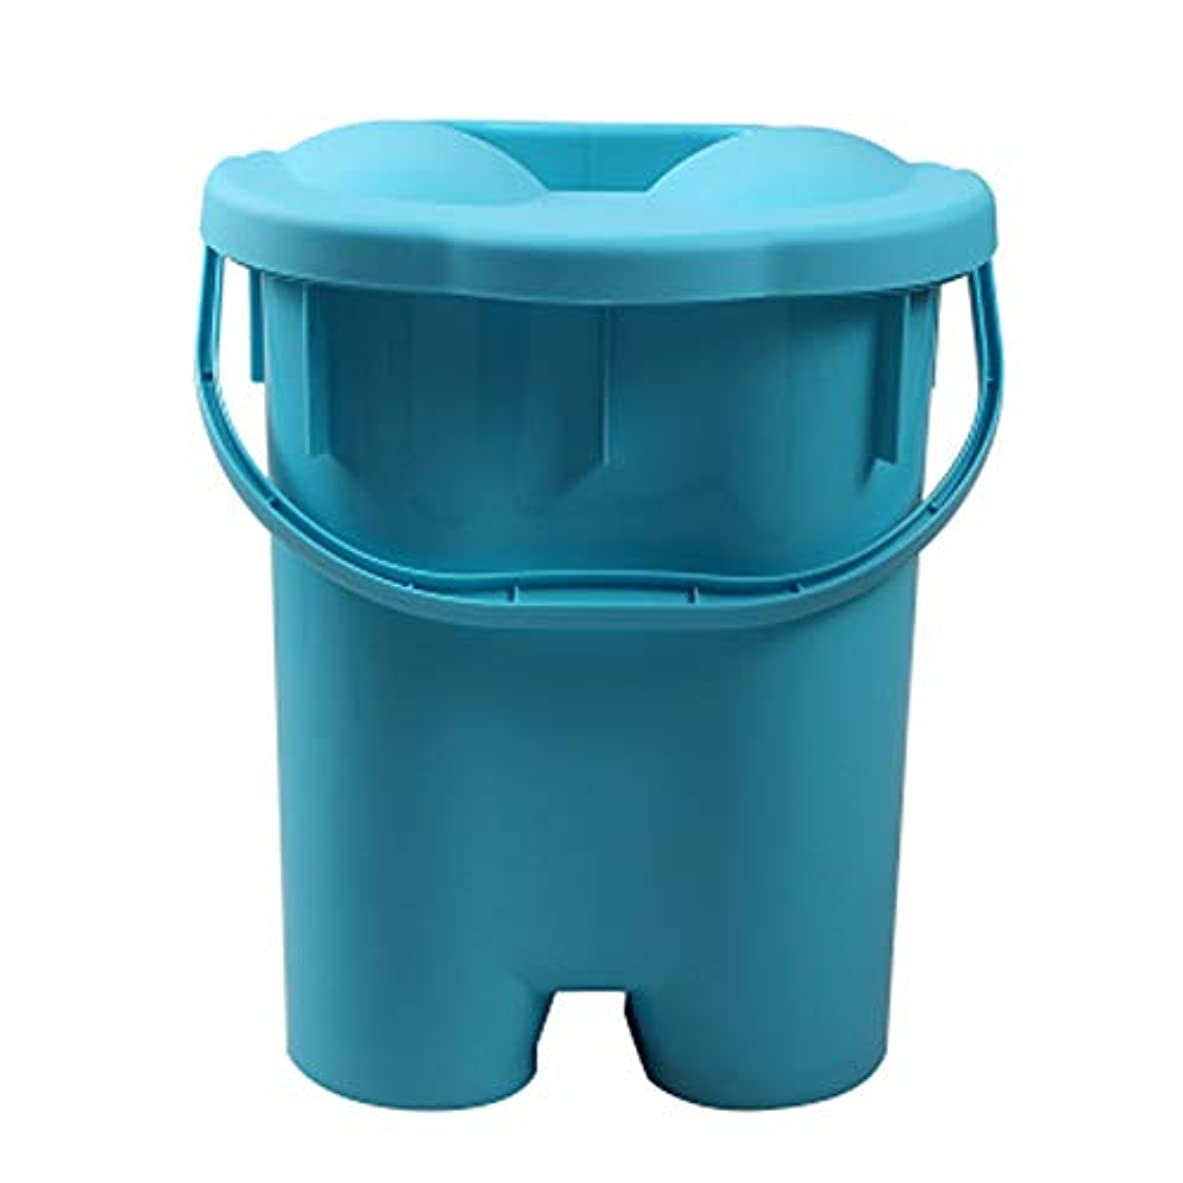 指令上ドナウ川家庭用シンプルな発泡盆たたみ足湯発泡バケツバレル深いバレルポータブル厚いプラスチックフォーム盆地